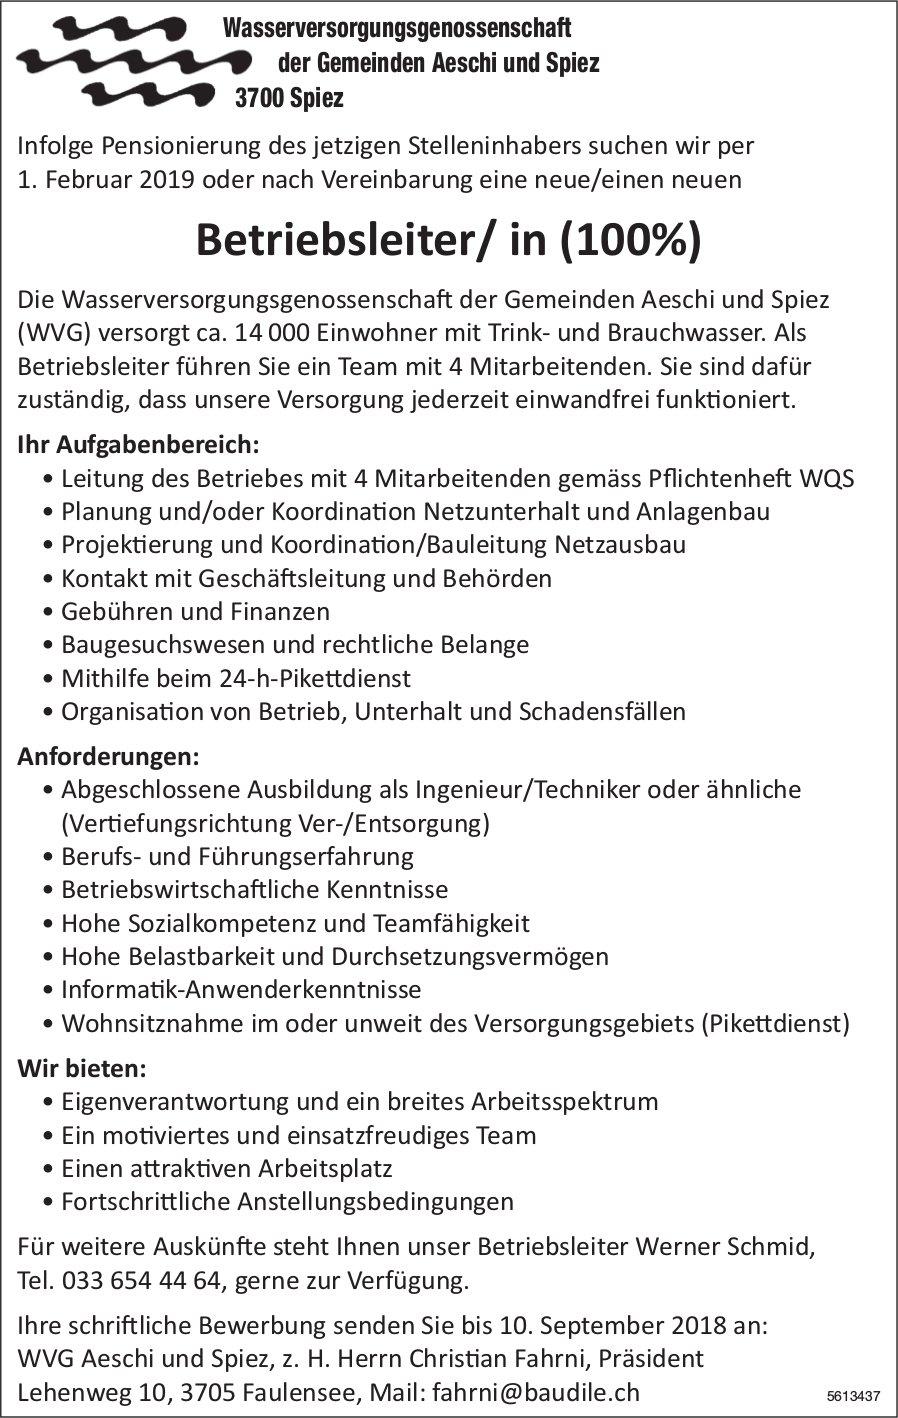 Betriebsleiter/ in (100%), WVG Aeschi und Spiez, gesucht